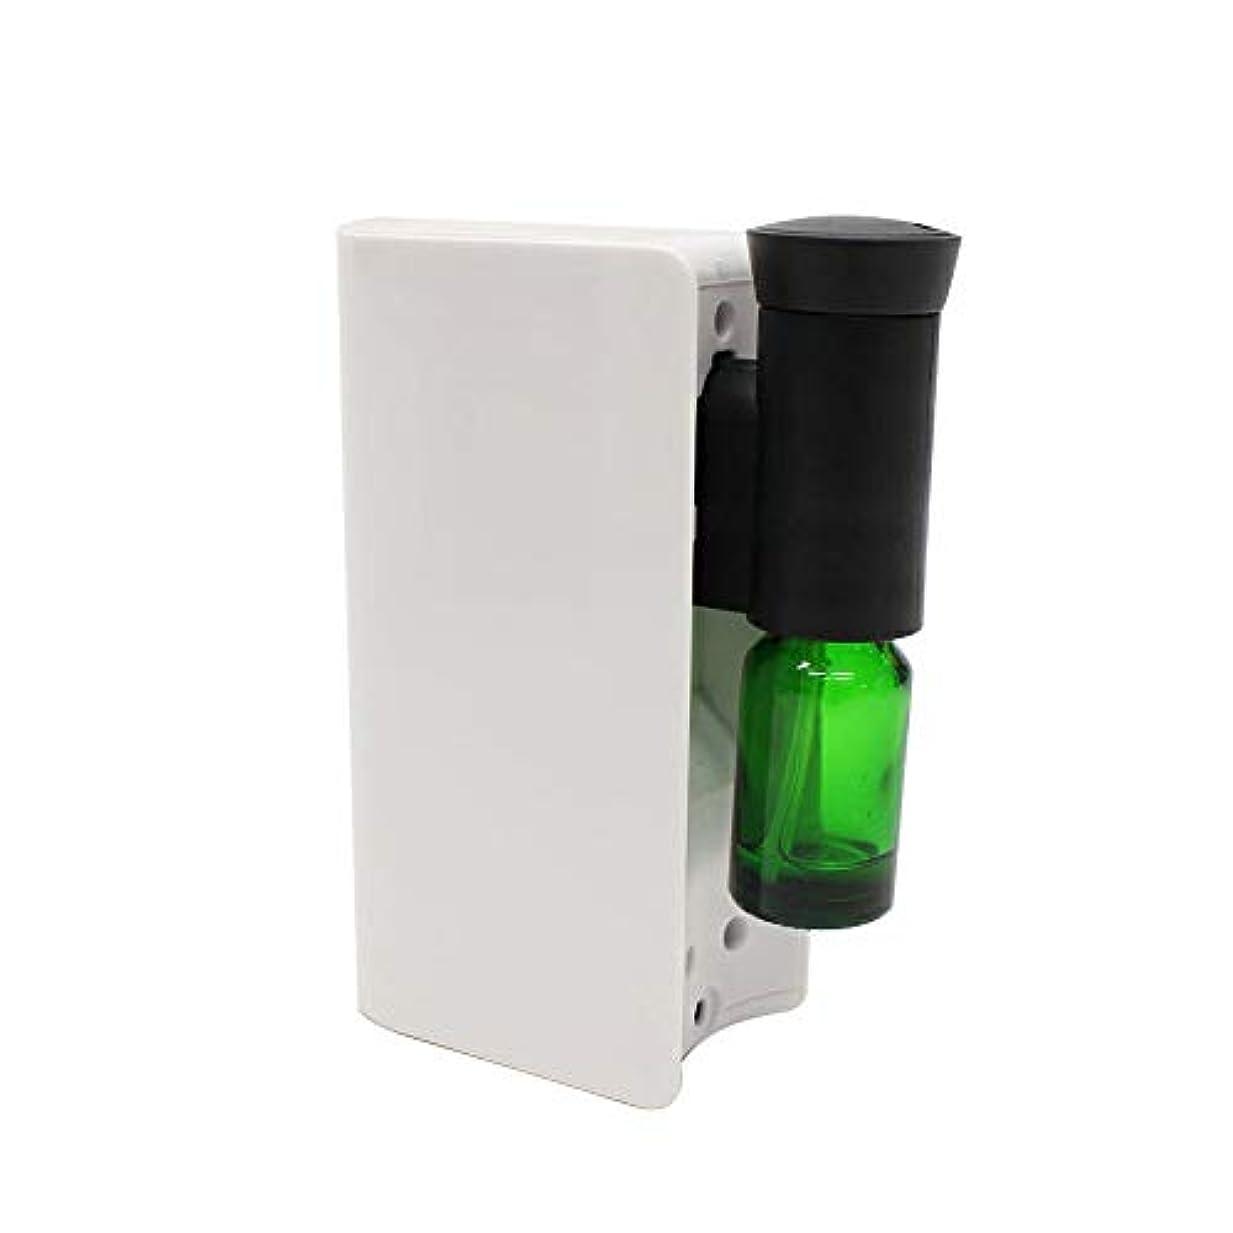 ハグ平らな隣接するアロマ ディフューザー 電池式アロマディフューザー 水を使わない ネブライザー式 アロマオイル対応 自動停止 ECOモード搭載 香り 癒し シンプル コンパクト ホワイト